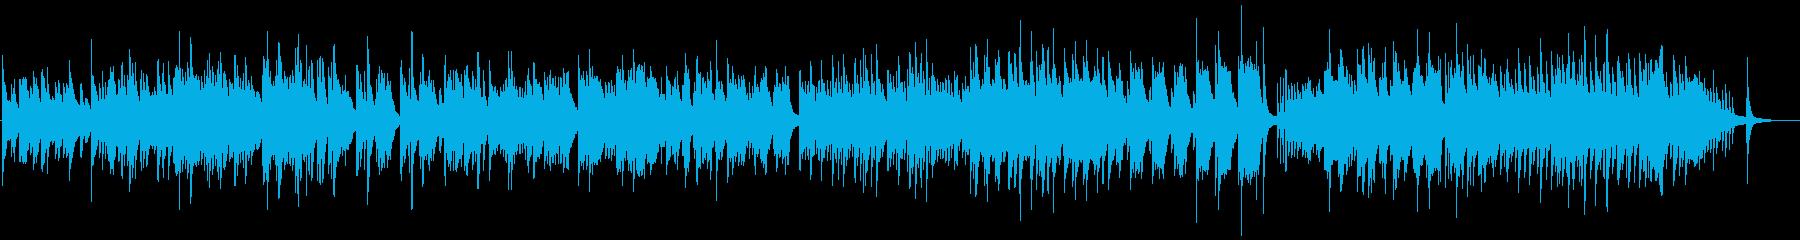 春、感動的なピアノのバラードの再生済みの波形